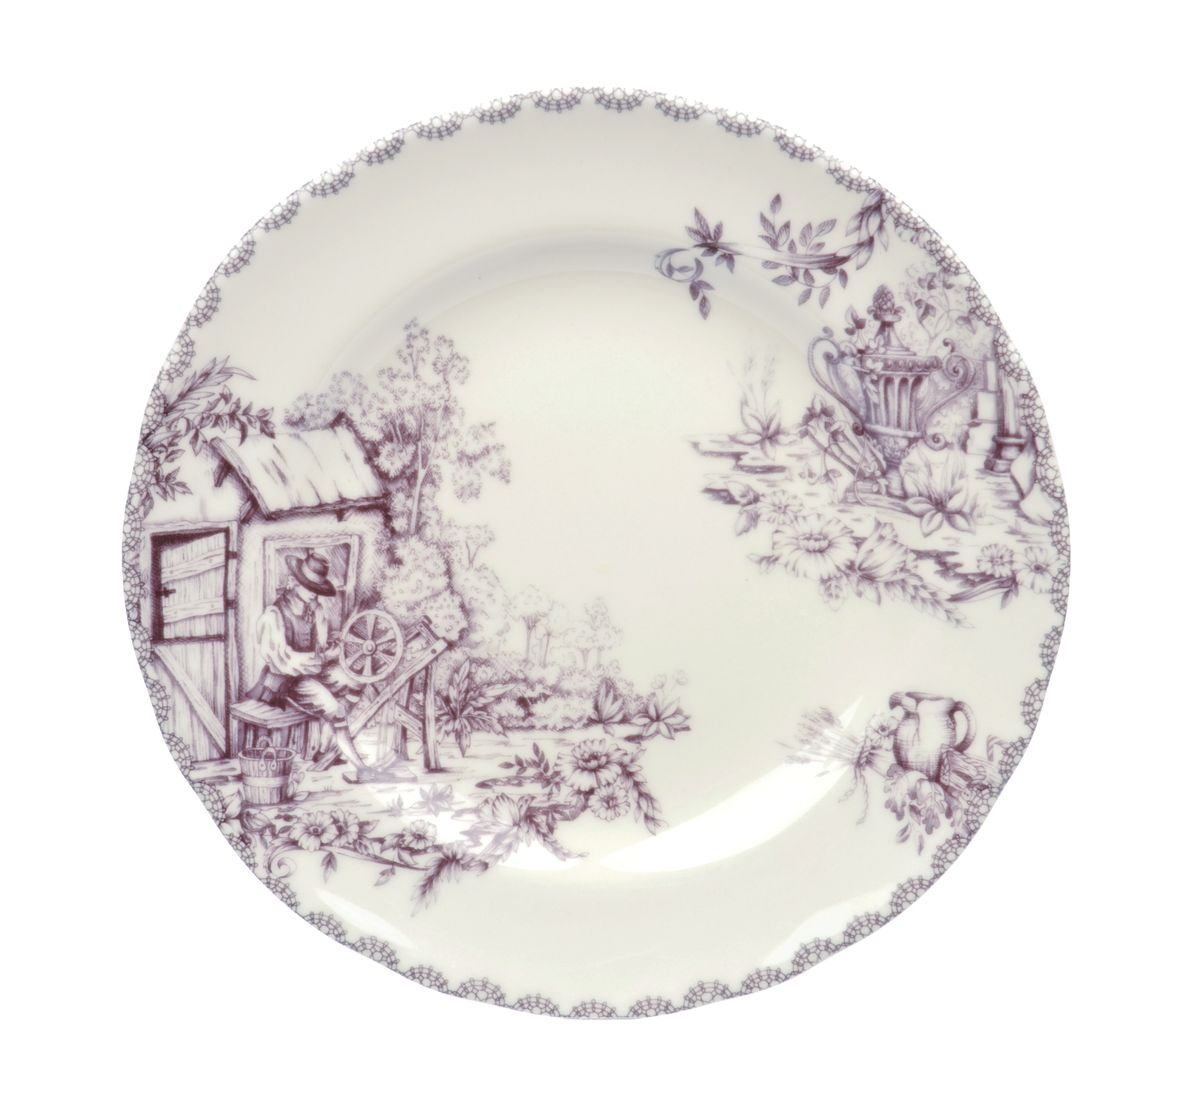 Тарелка десертная Utana Инглиш принтс Флинт, диаметр 22 смUTEF97810Тарелка десертная Utana Инглиш принтс Флинт изготовлена из высококачественной керамики. Предназначена длякрасивой подачи различных блюд. Изделие декорировано ярким рисунком.Такая тарелка украсит сервировку стола и подчеркнет прекрасный вкус хозяйки. Можно мыть в посудомоечной машине и использовать в СВЧ.Диаметр: 22 см. Высота: 2,5 см.